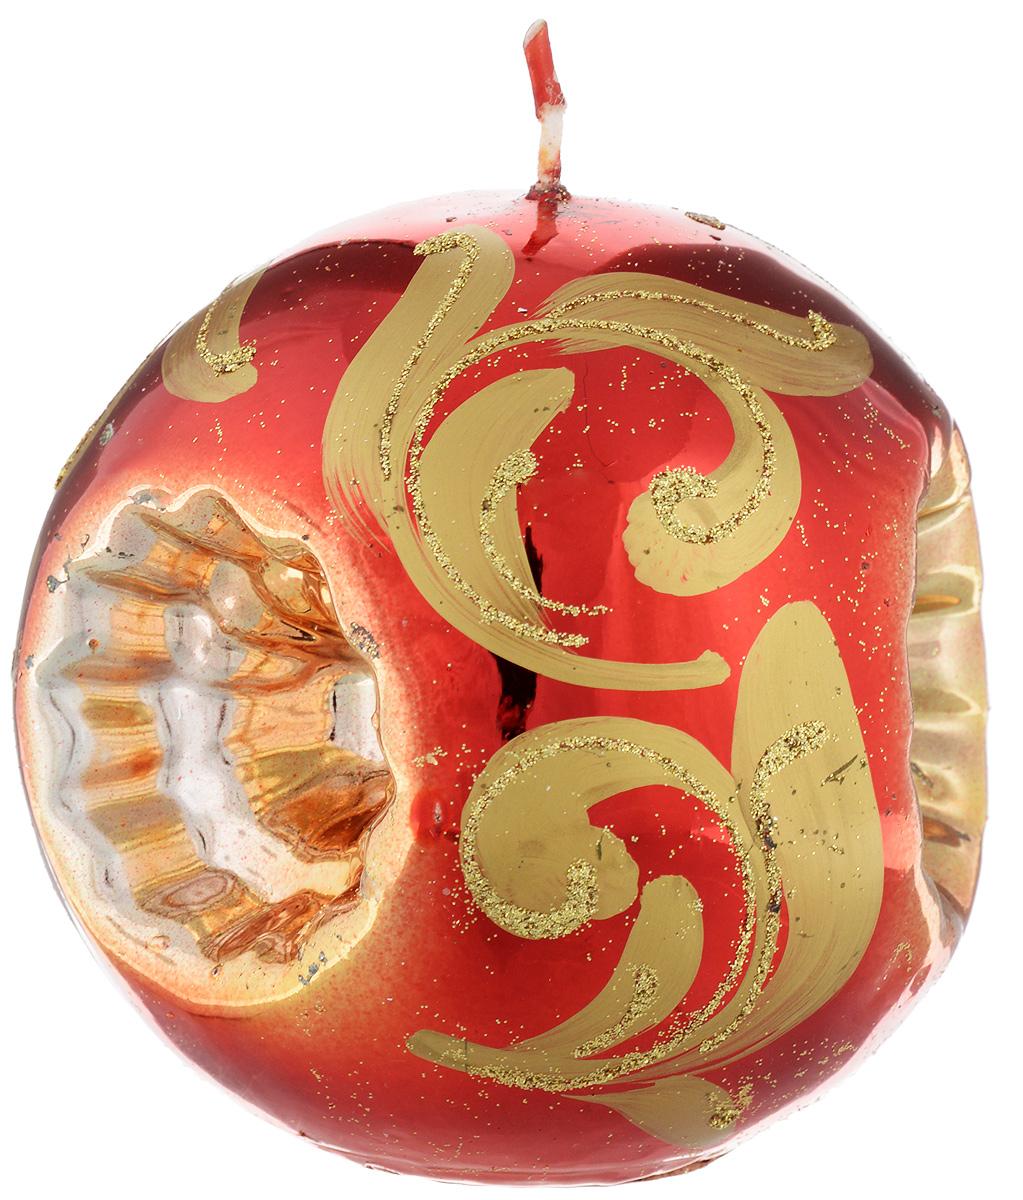 Свеча-шар Fem Рефлектор, цвет: красный, золотой, диаметр 10 смFS-91909Свеча-шар Fem Рефлектор изготовлена из парафина и декорирована изящным узором с блестками. Такая свеча станет изысканным украшением интерьера. Она принесет в ваш дом волшебство и ощущение праздника.